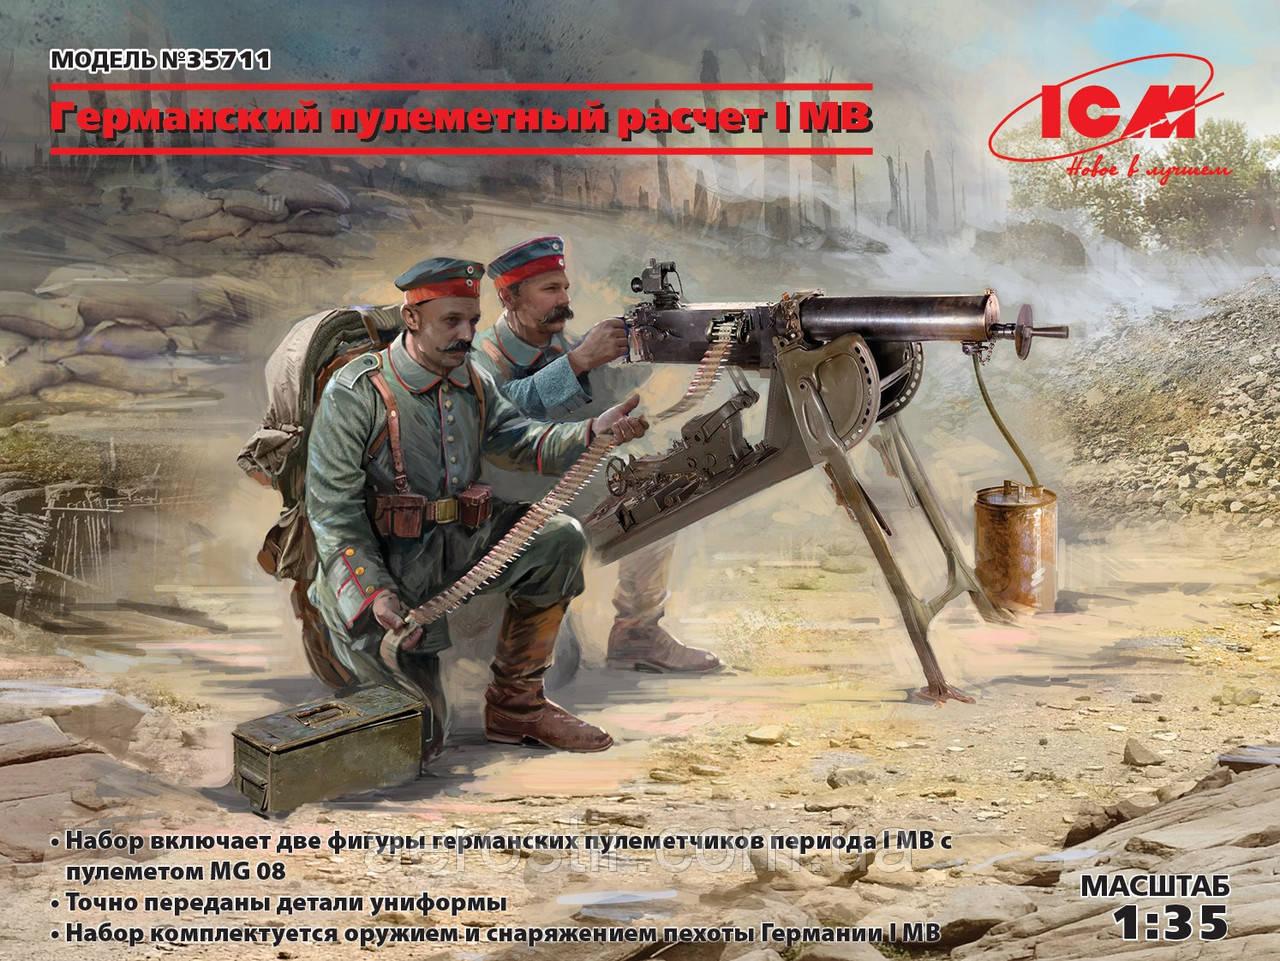 Германский пулеметный расчет І МВ ICM 35711